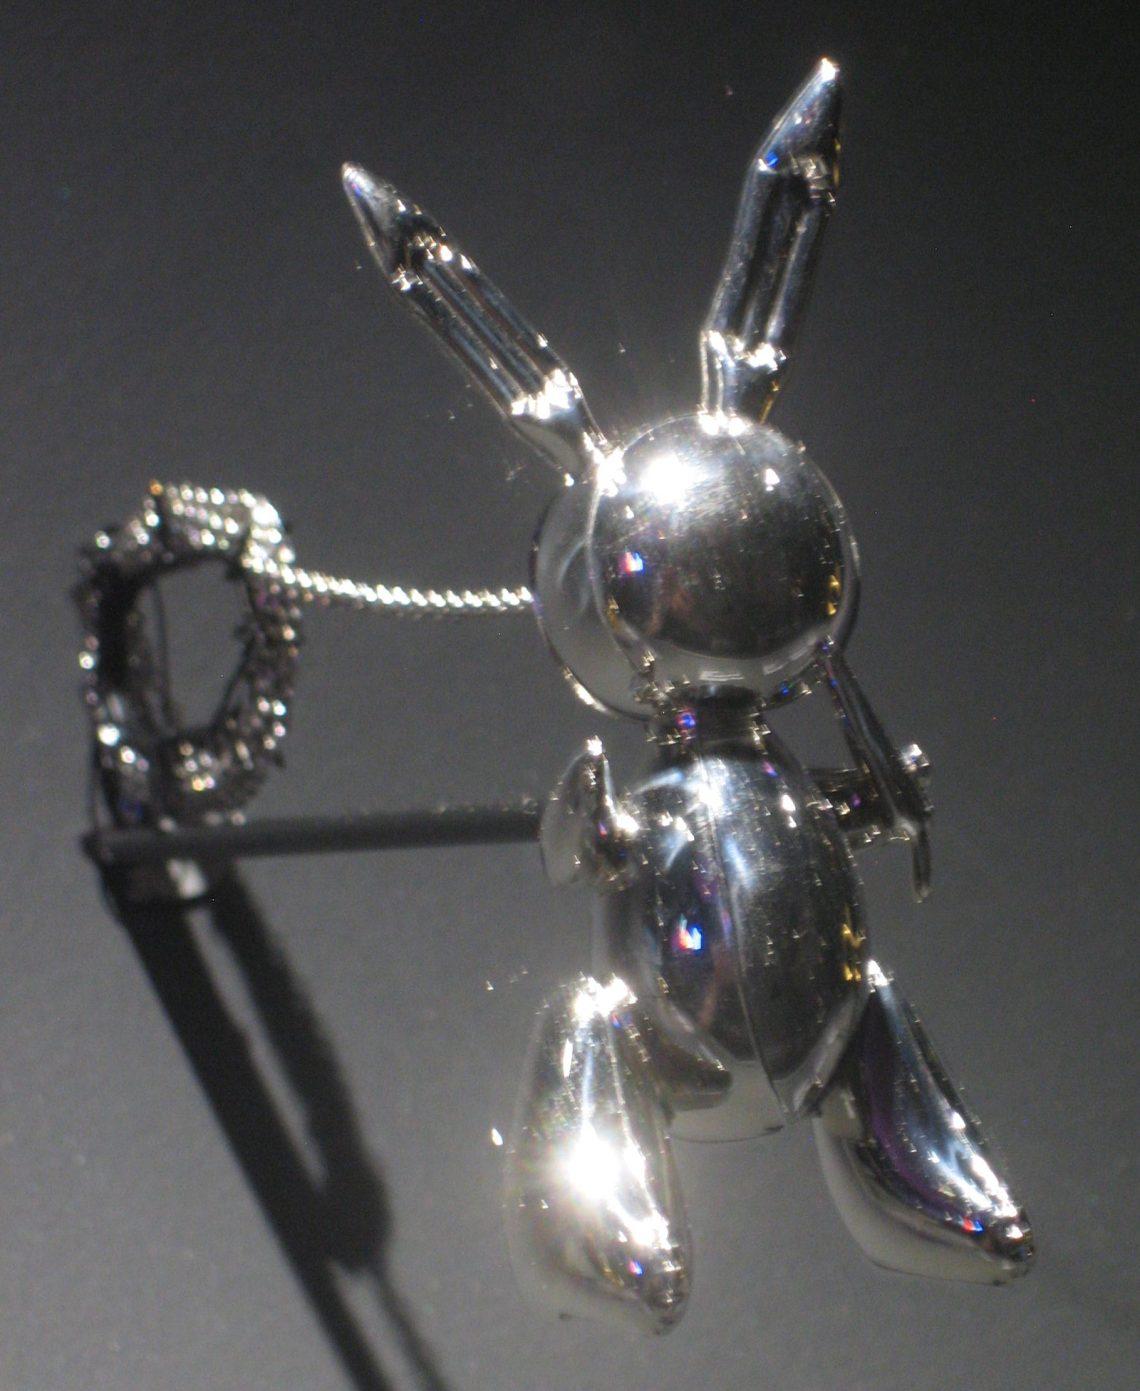 Jeff Koons, Rabbit Necklace, halssieraad, 2005-2009, 11/50. Collectie Diane Venet. Foto Esther Doornbusch, juni 2018©